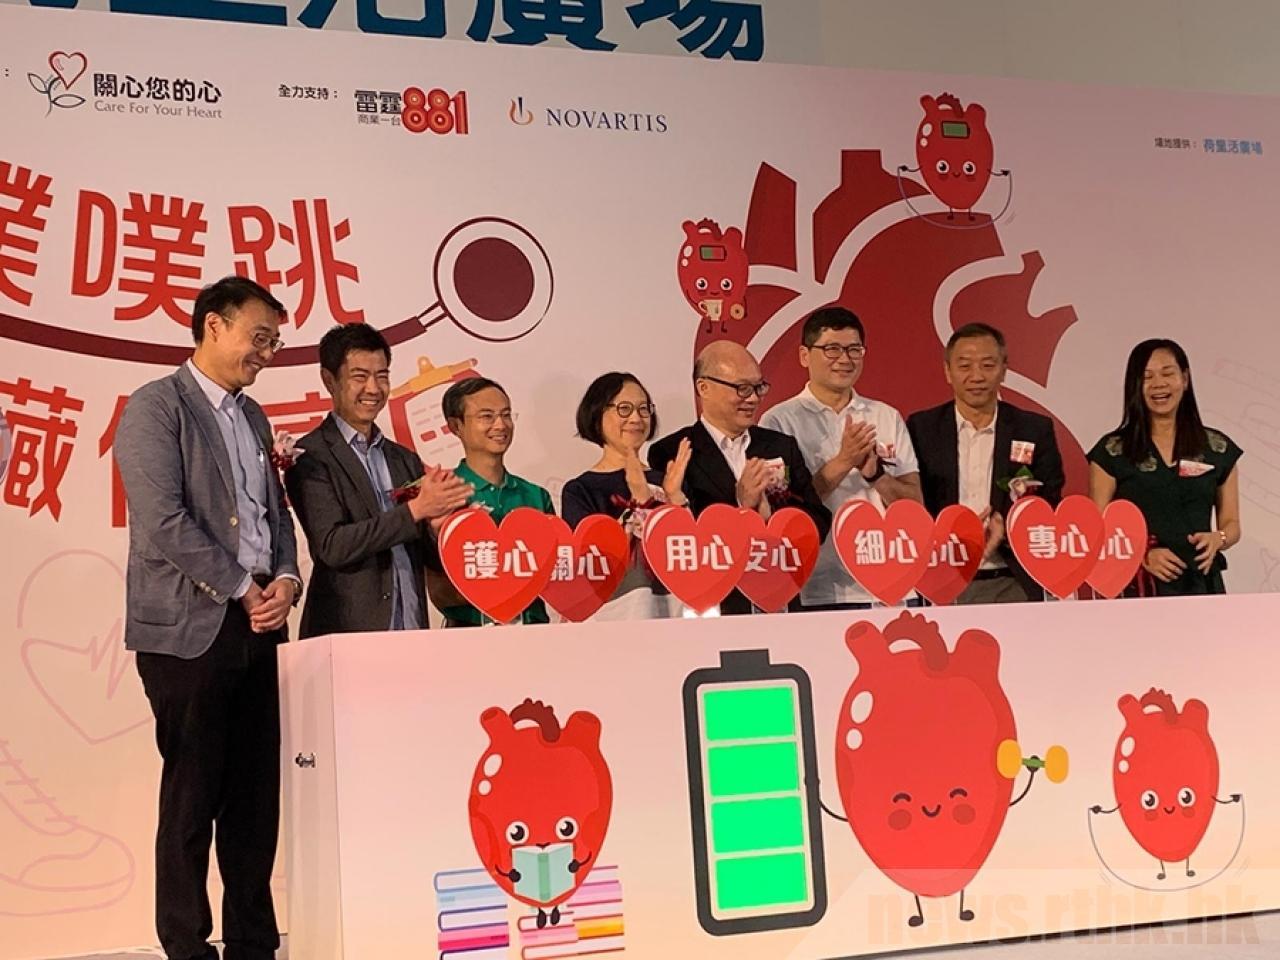 調查顯示,只有一成受訪者能夠辨認傷風或流感,為導致心臟衰竭迅速惡化的原因。(趙曼婷攝)